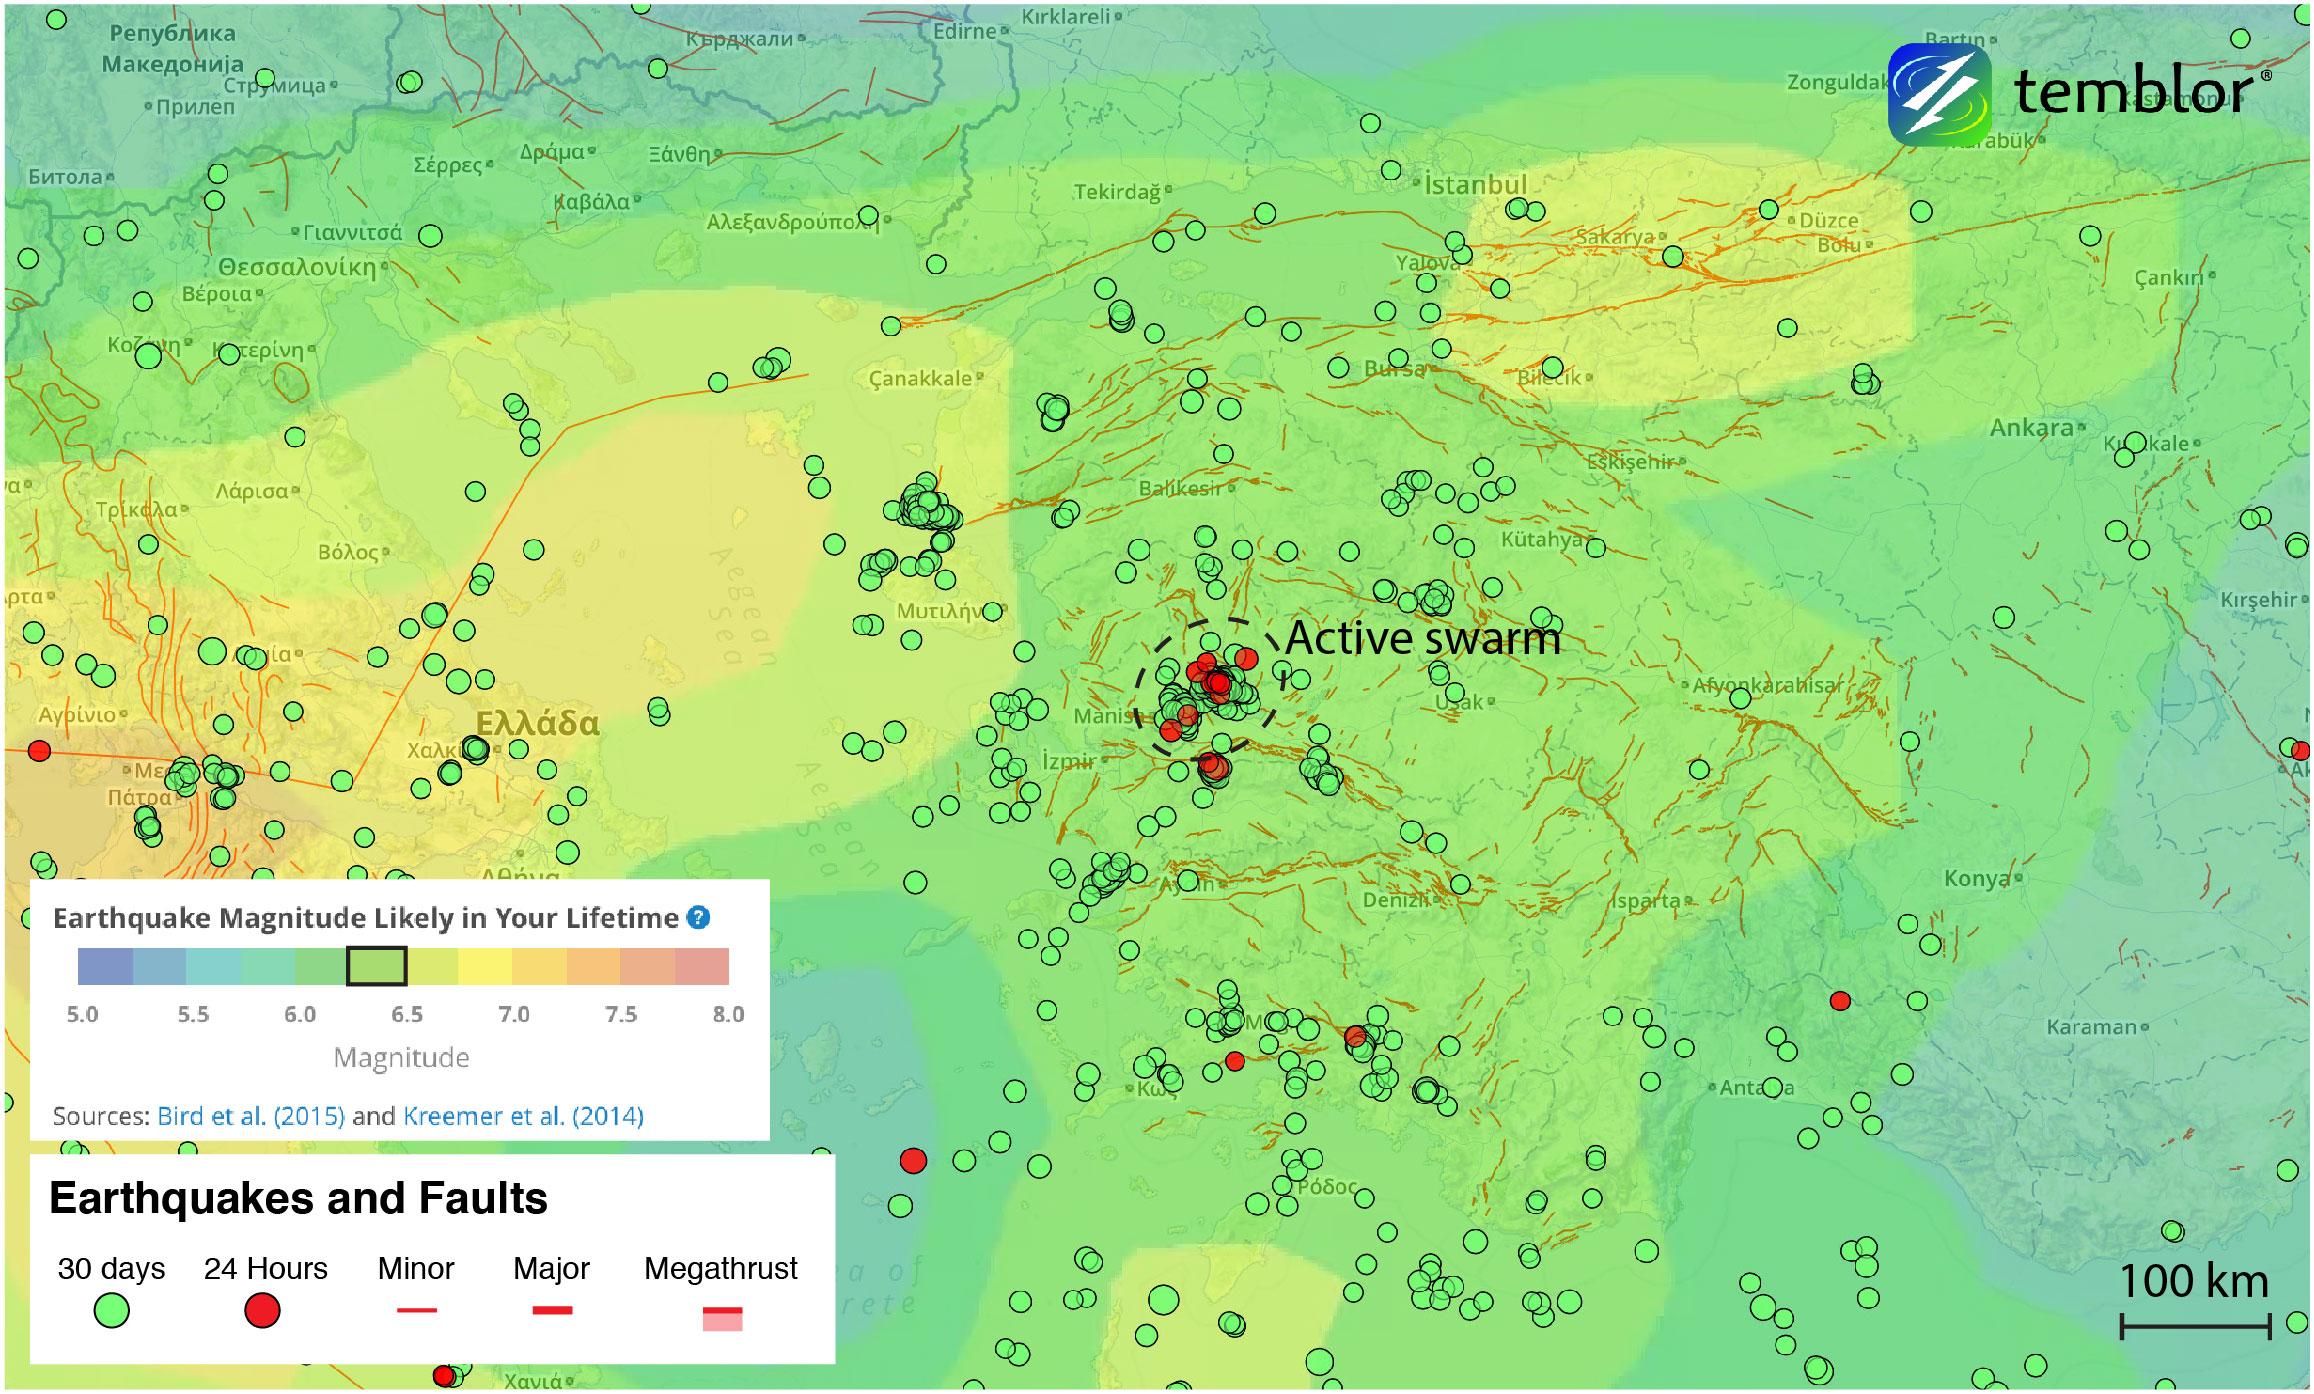 Turkey-active-seismic-swarm